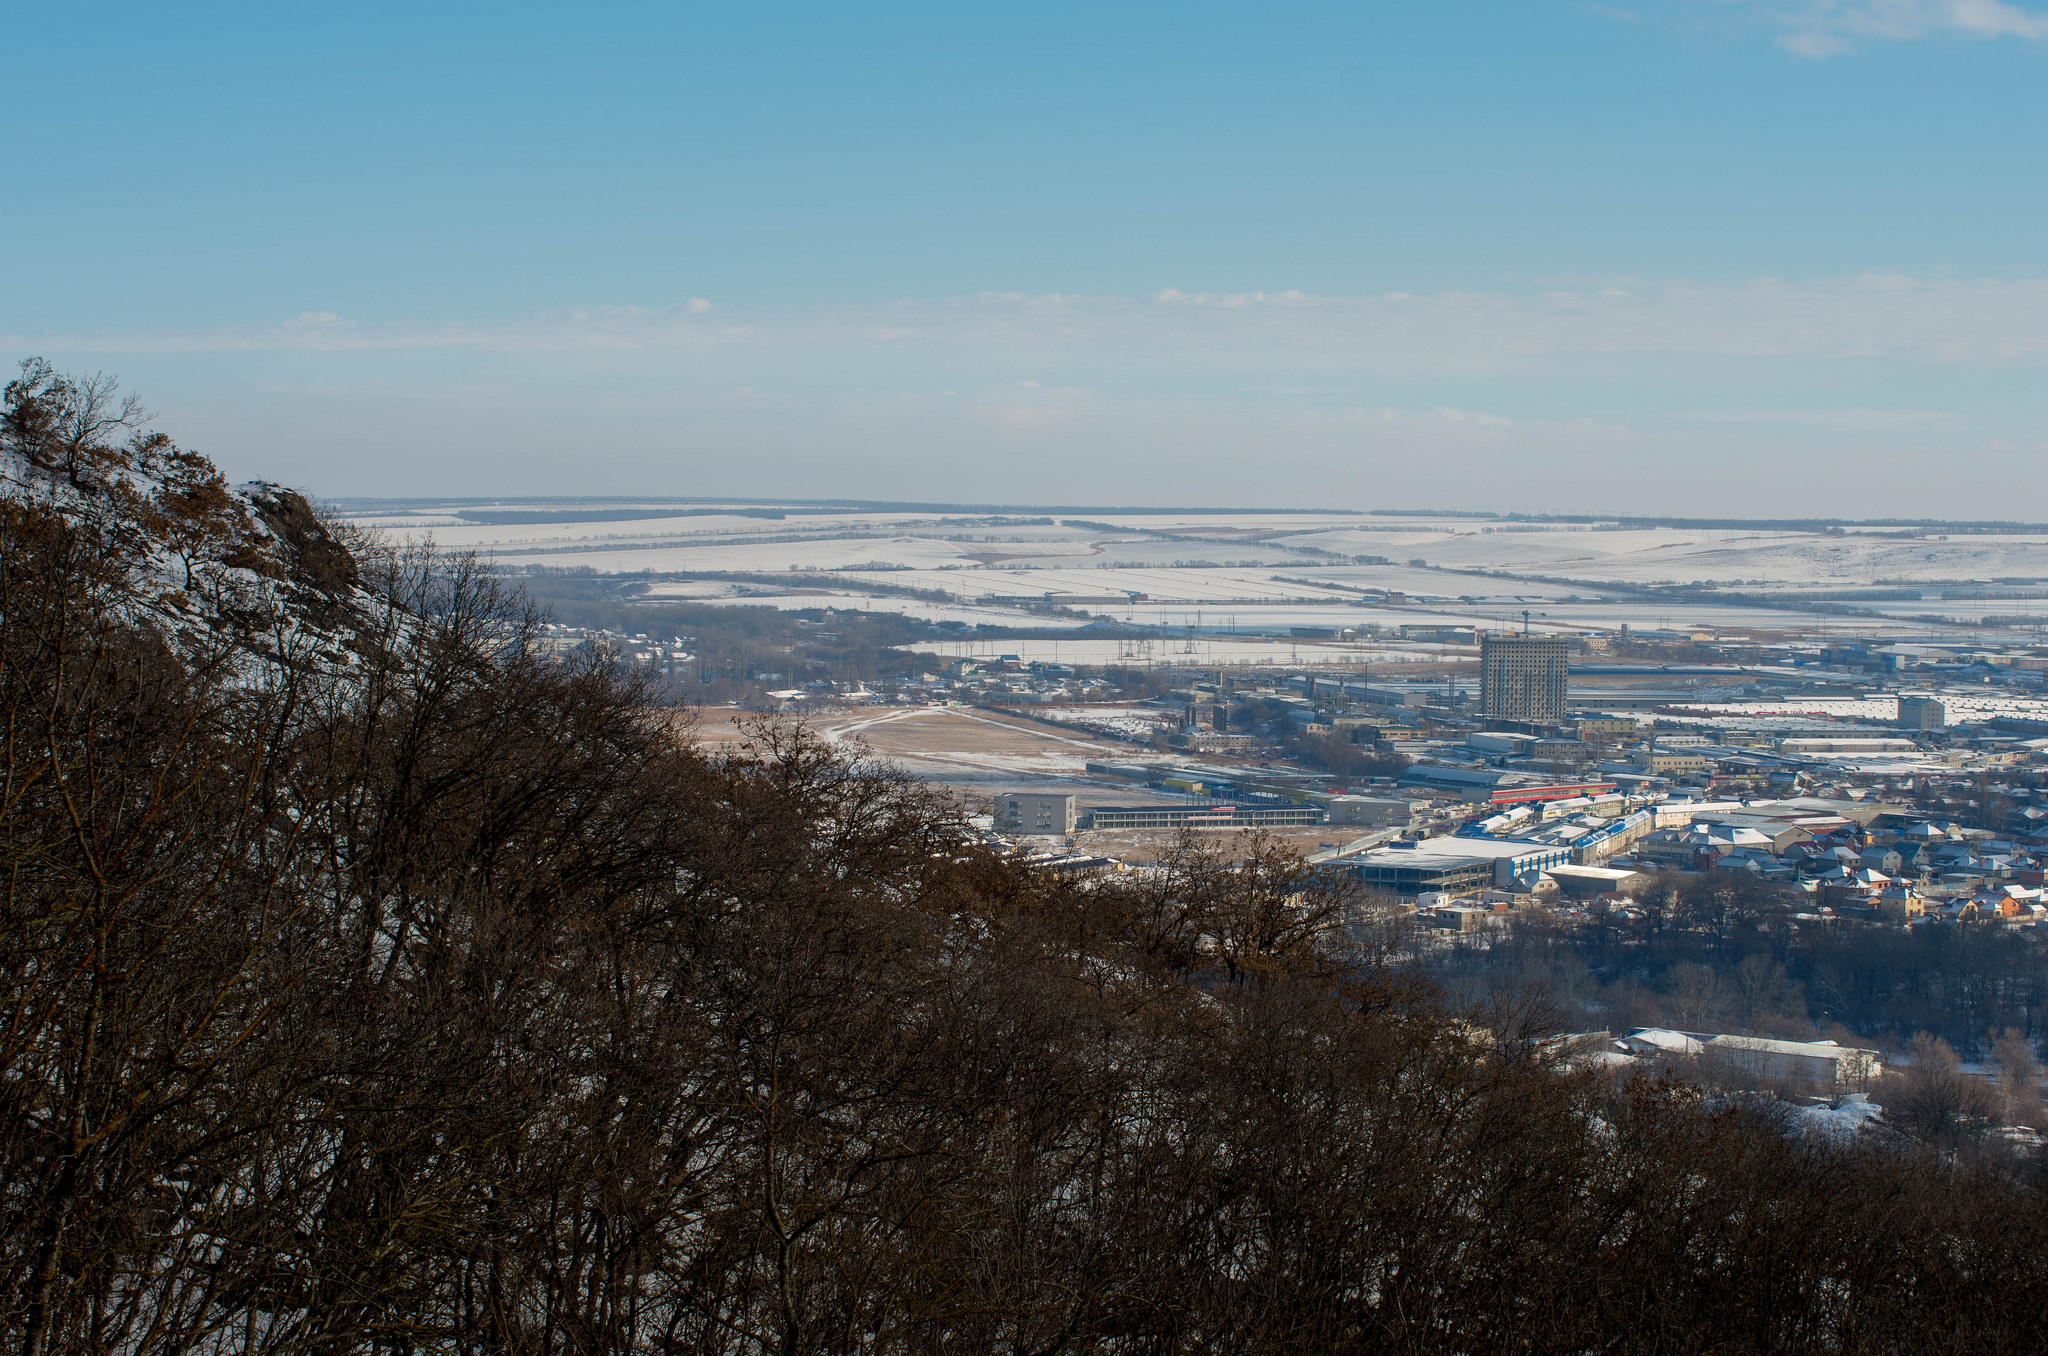 Кавказские минеральные воды, Пятигорск, Россия